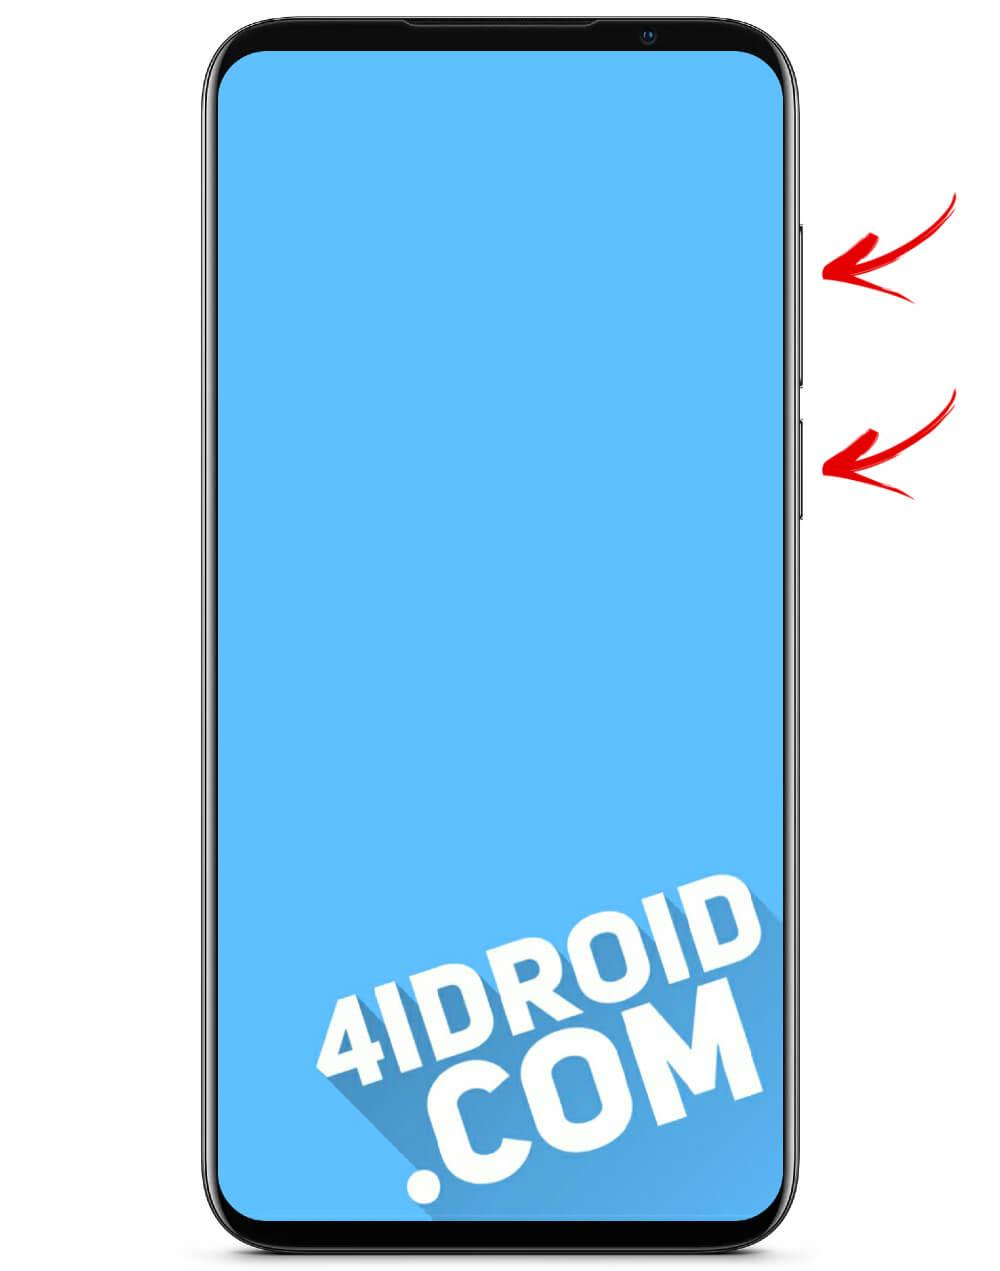 переход в рекавери с помощью кнопок на смартфоне meizu